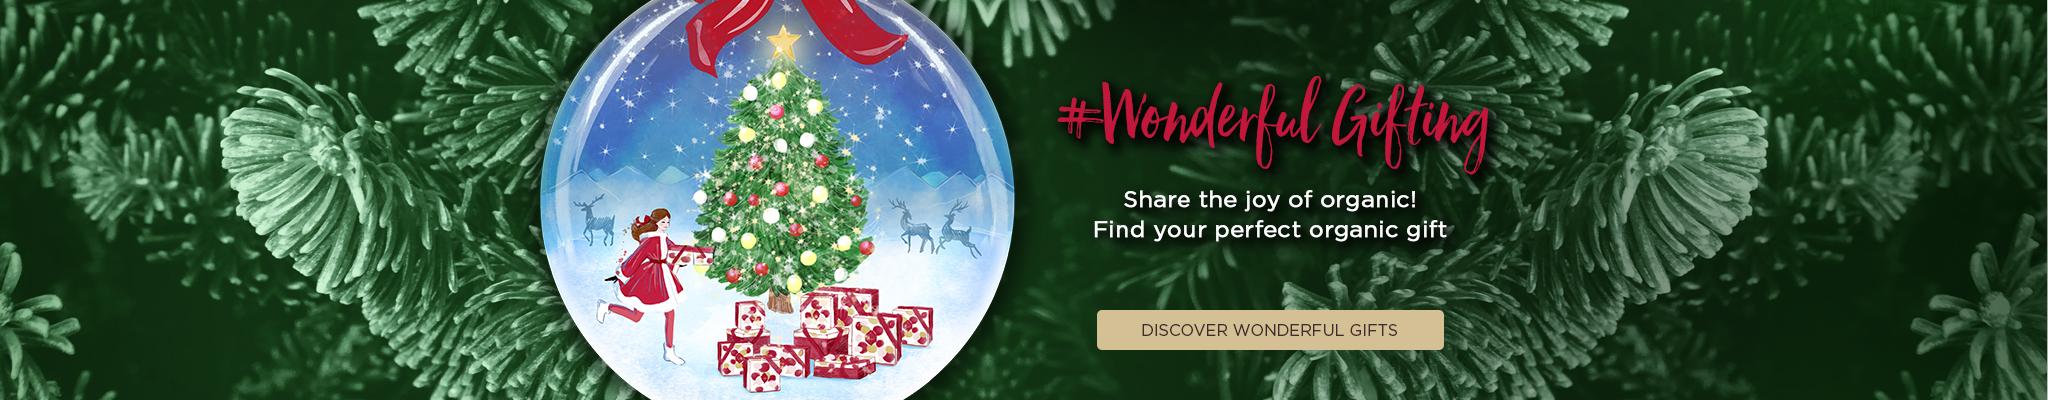 Holidays Wonderful Gifting